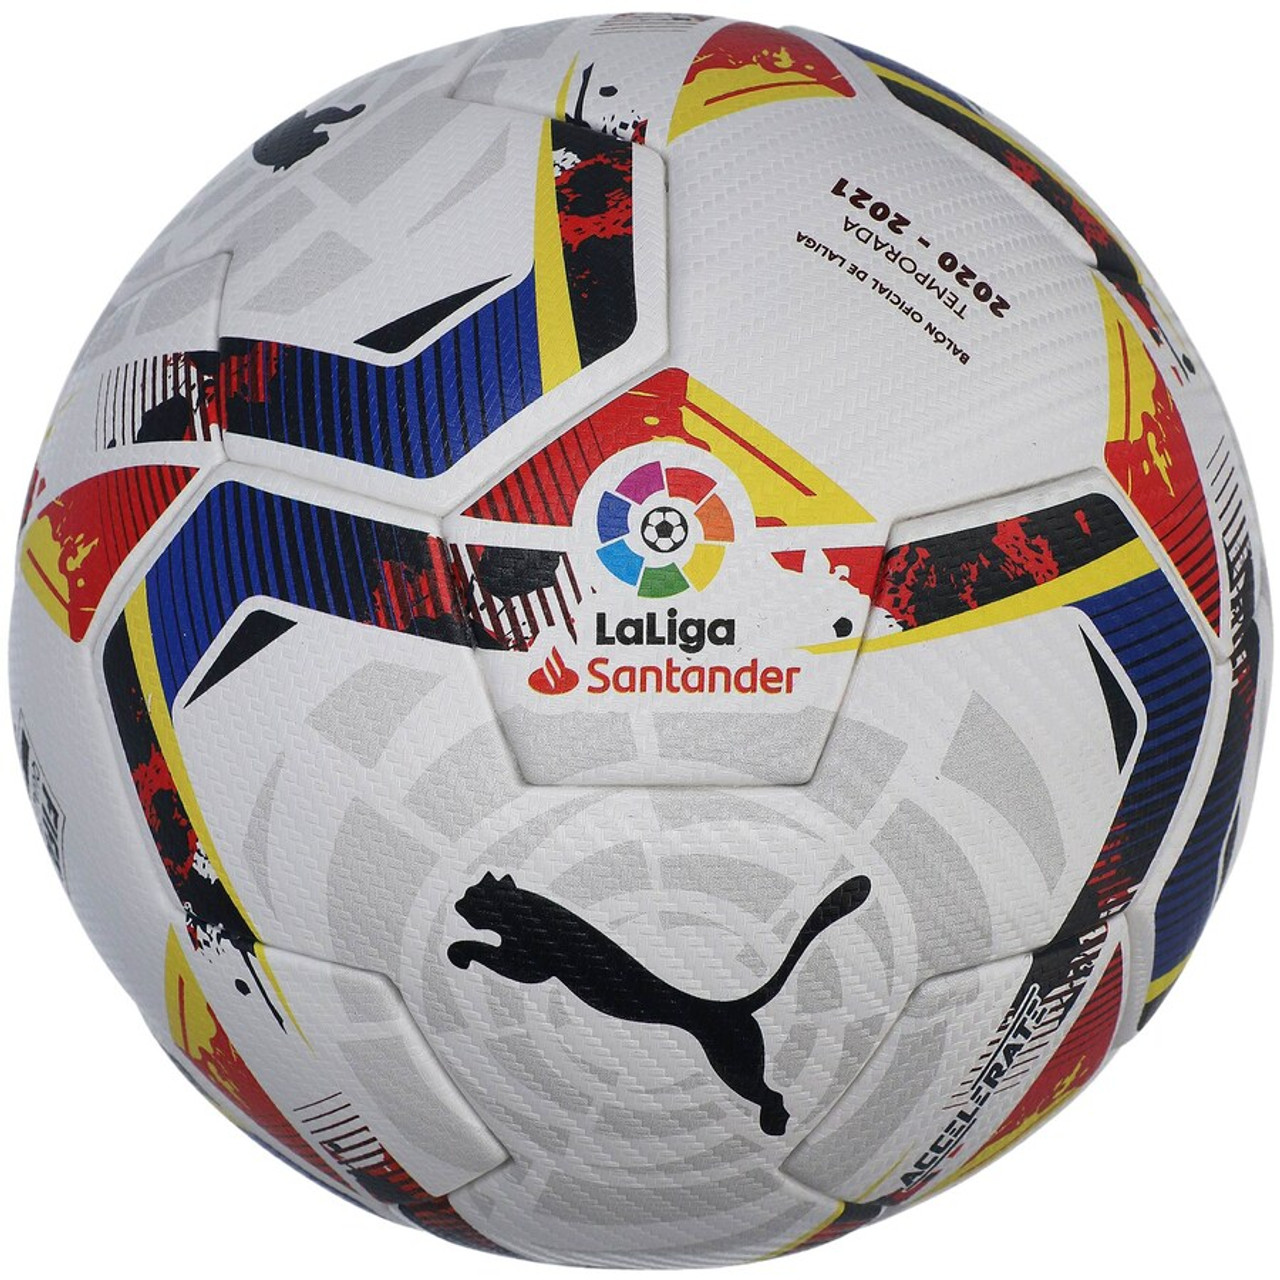 PUMA La Liga 1 Accelerate FIFA Quality Pro Soccer Ball